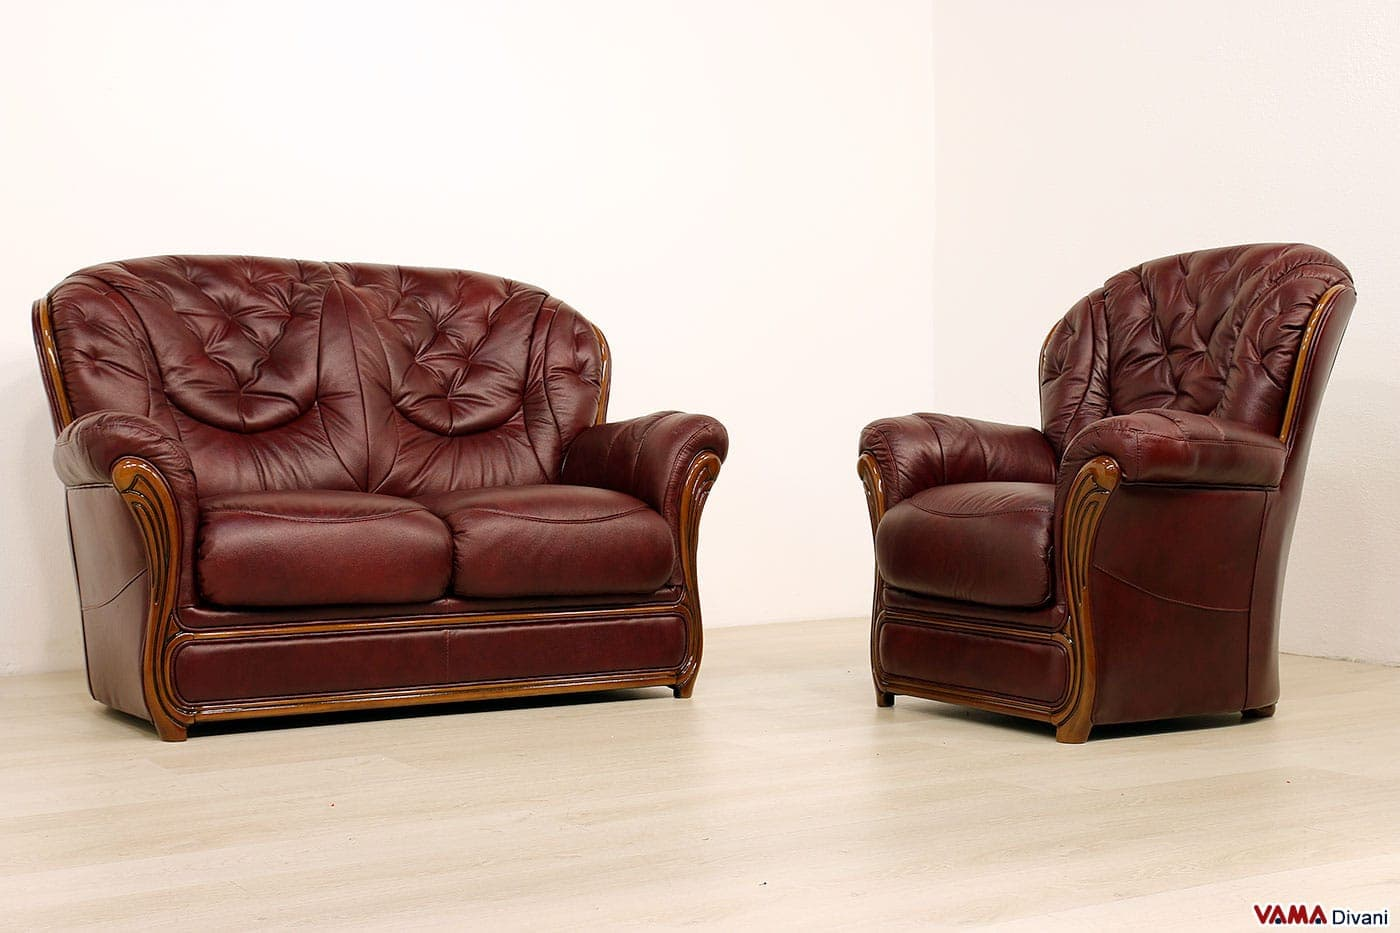 Divano 2 posti classico con finiture in legno in offerta - Divano 2 posti 140 cm ...